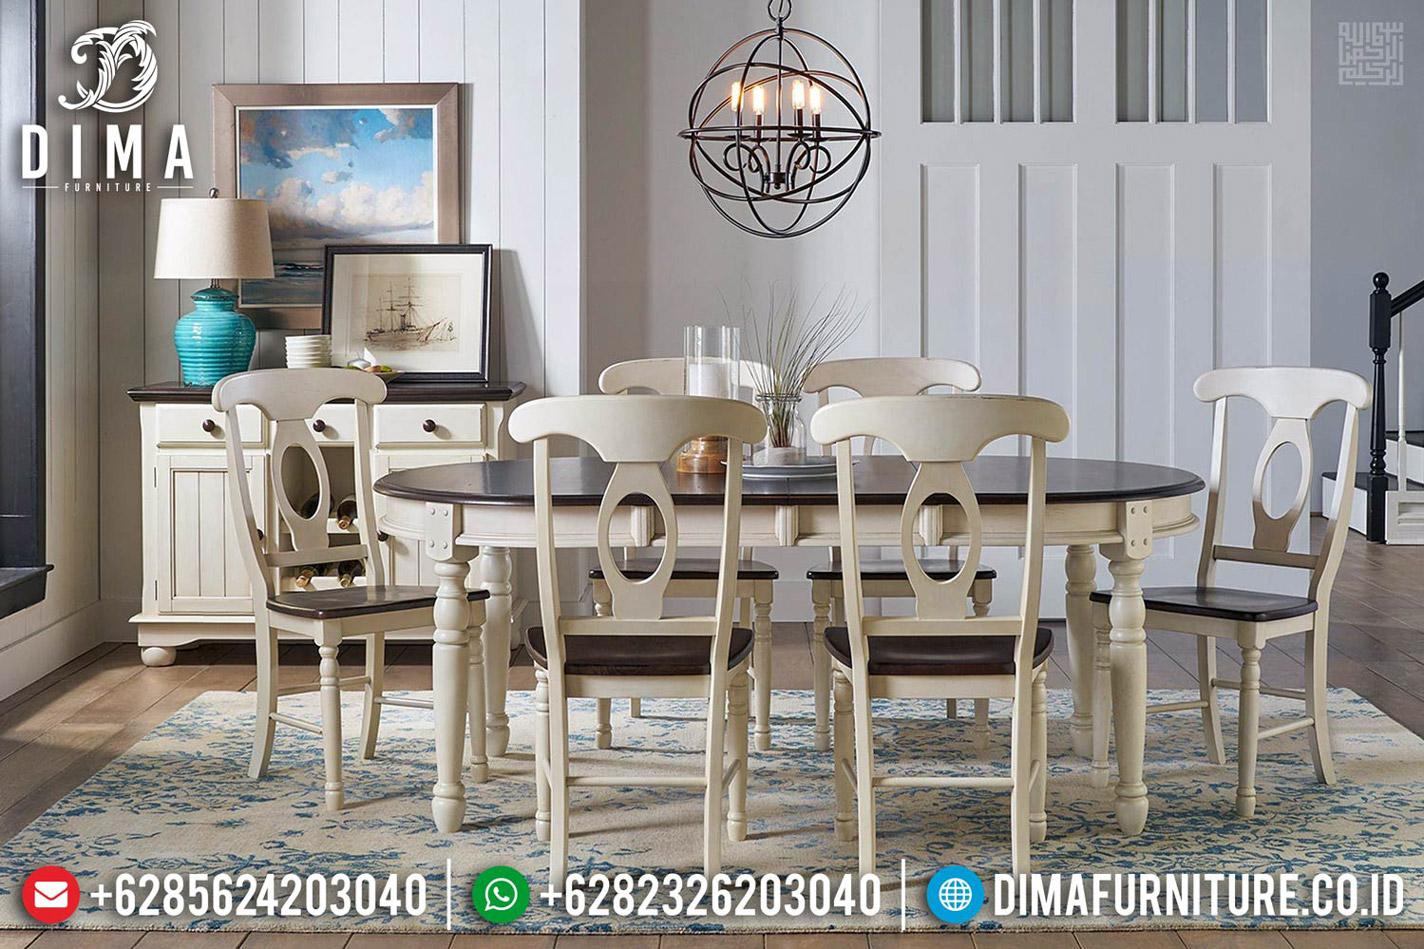 Meja Makan Jati Klasik Rustic White Broken New Design Minimalis Jepara MMJ-0550